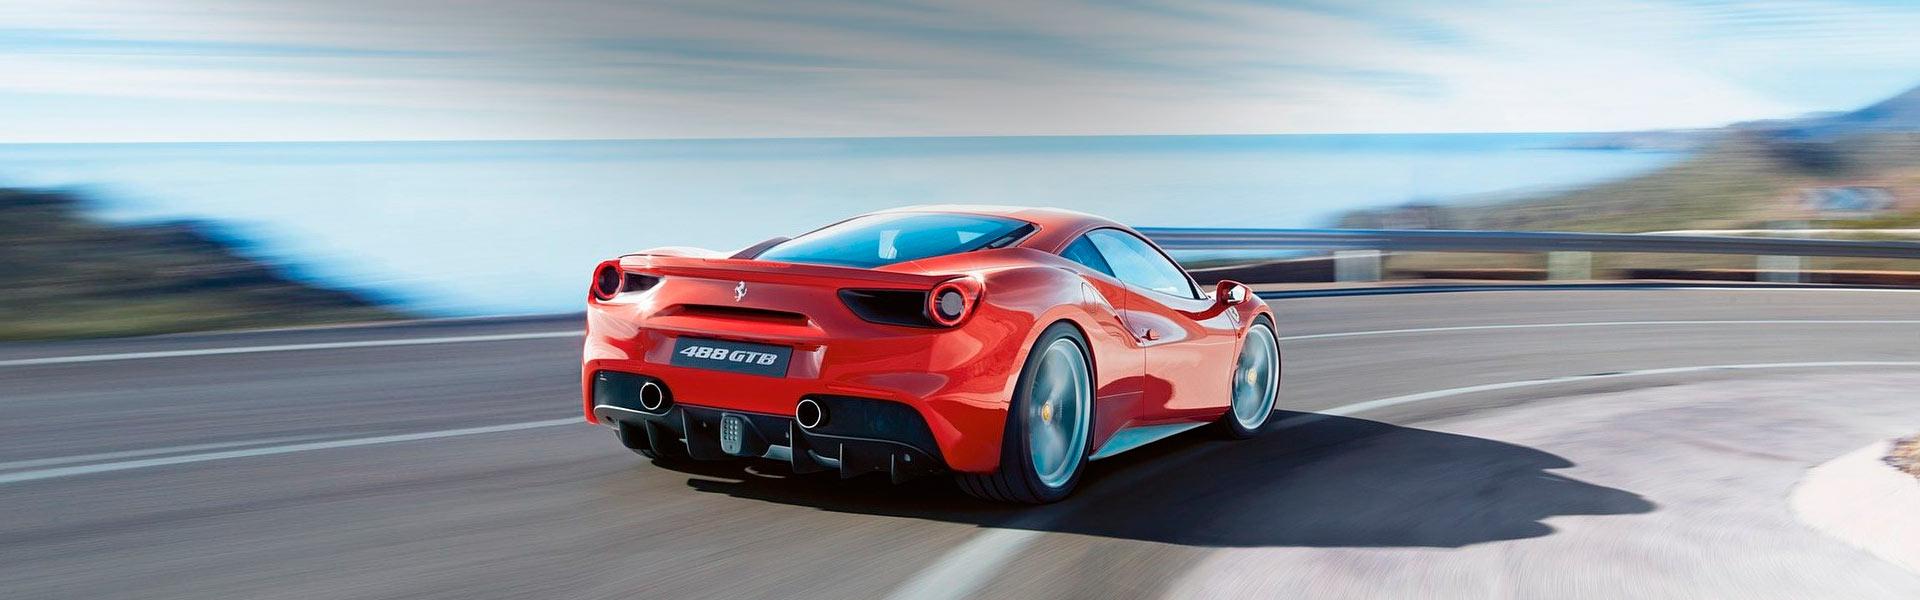 Замена жидкости гур Ferrari